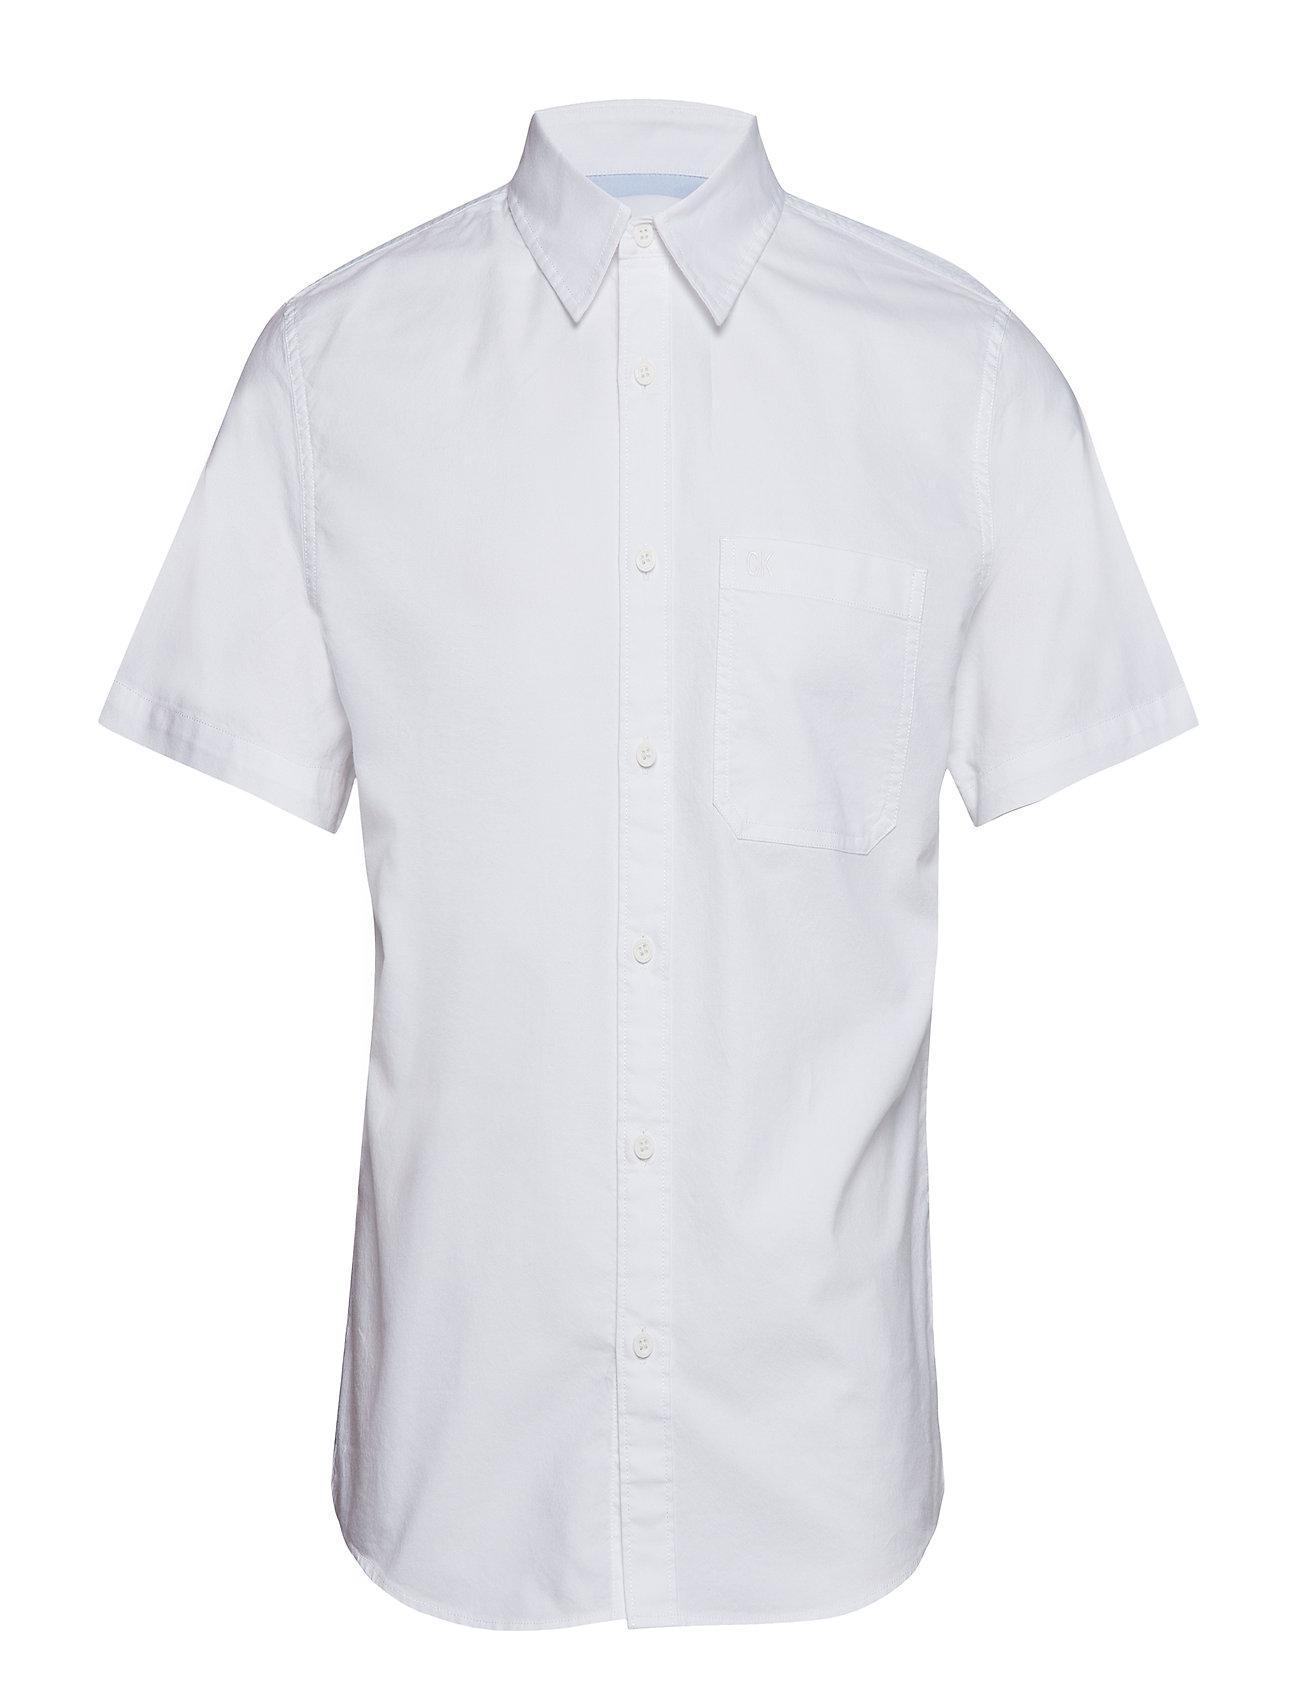 Non Oxford Ckj Klein Stretch Jeans Reg WhiteCalvin Ssbright 5Rjq4L3A